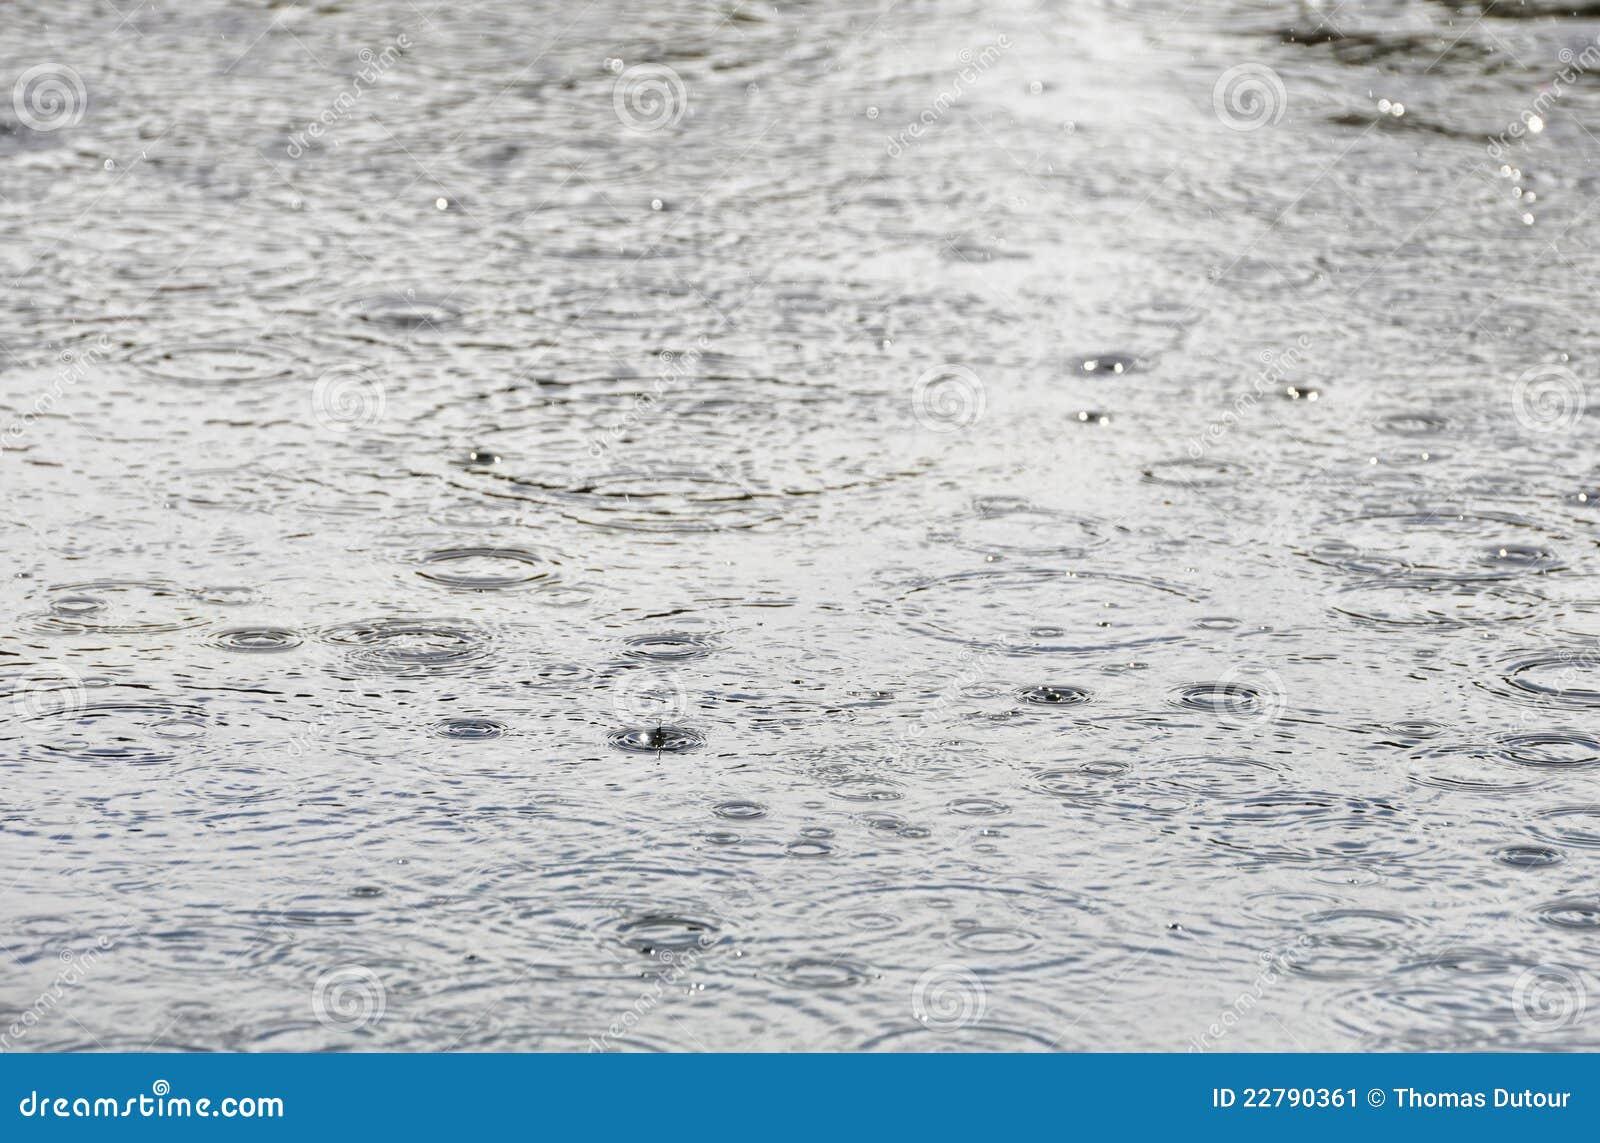 ύδωρ επιφάνειας σταγόνων βροχής